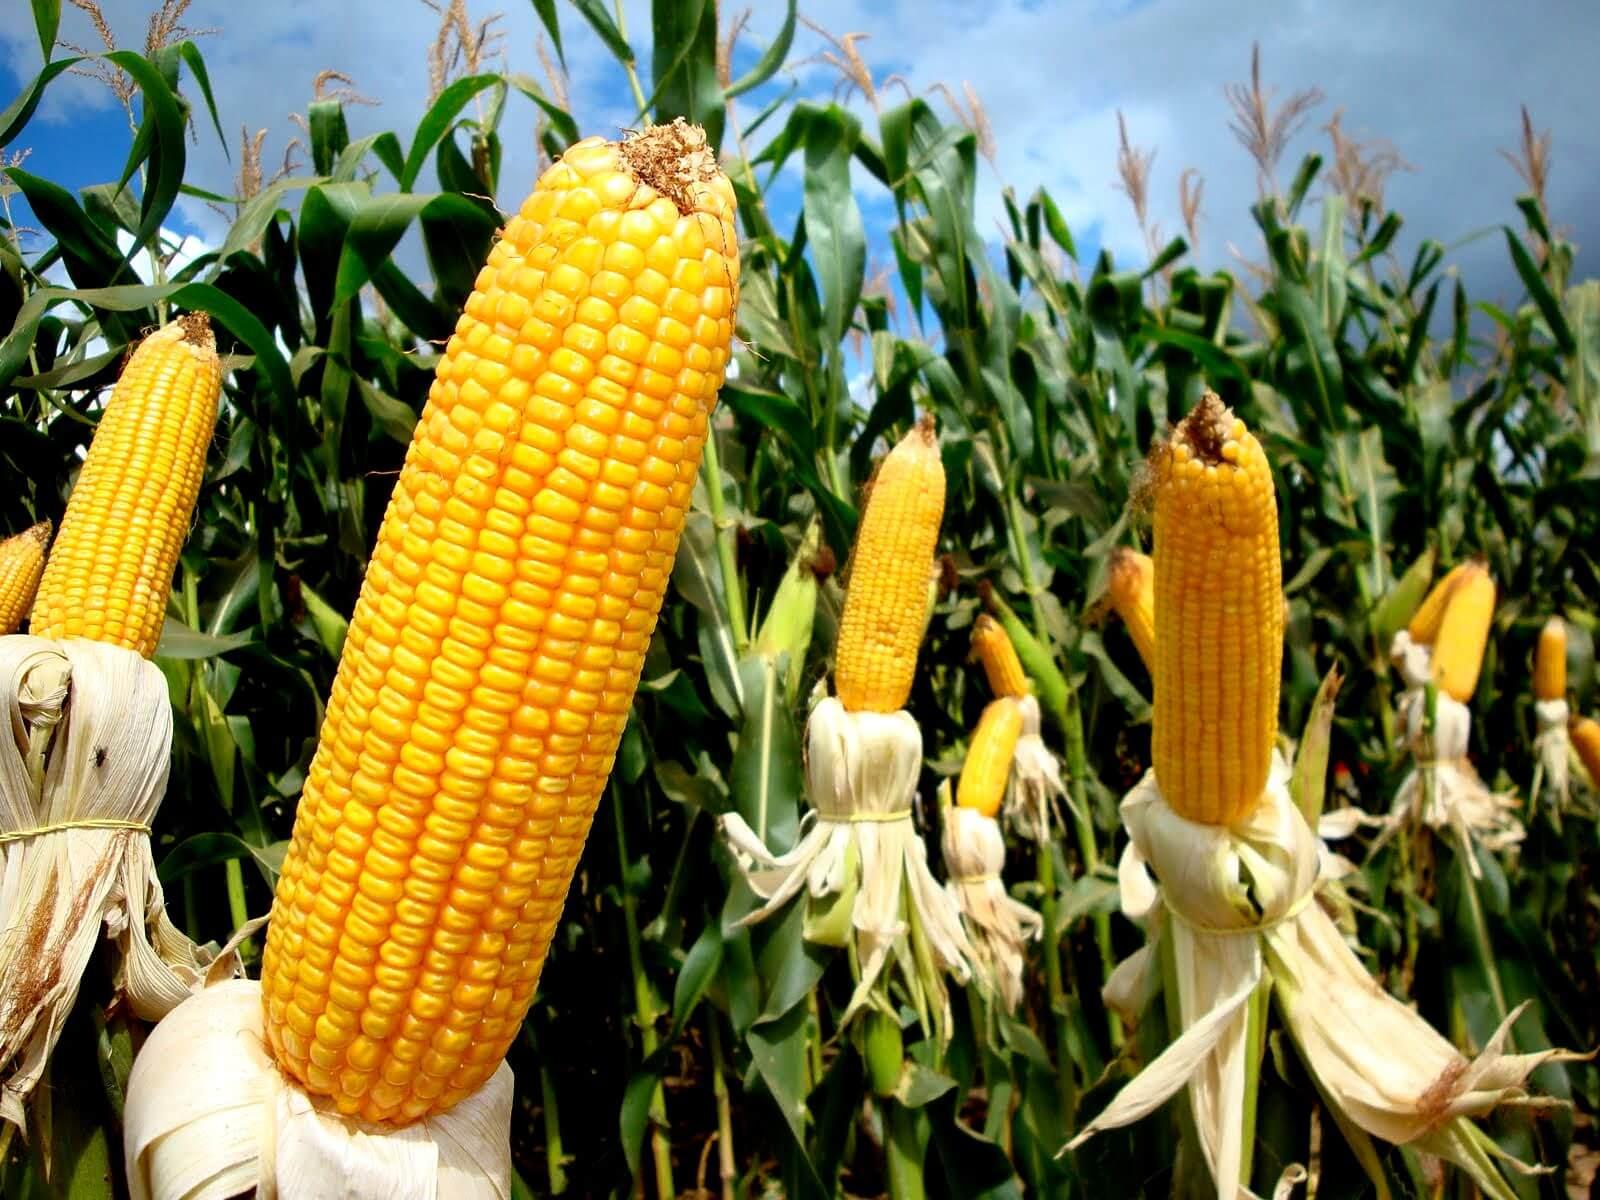 relação de troca entre a arroba e o milho